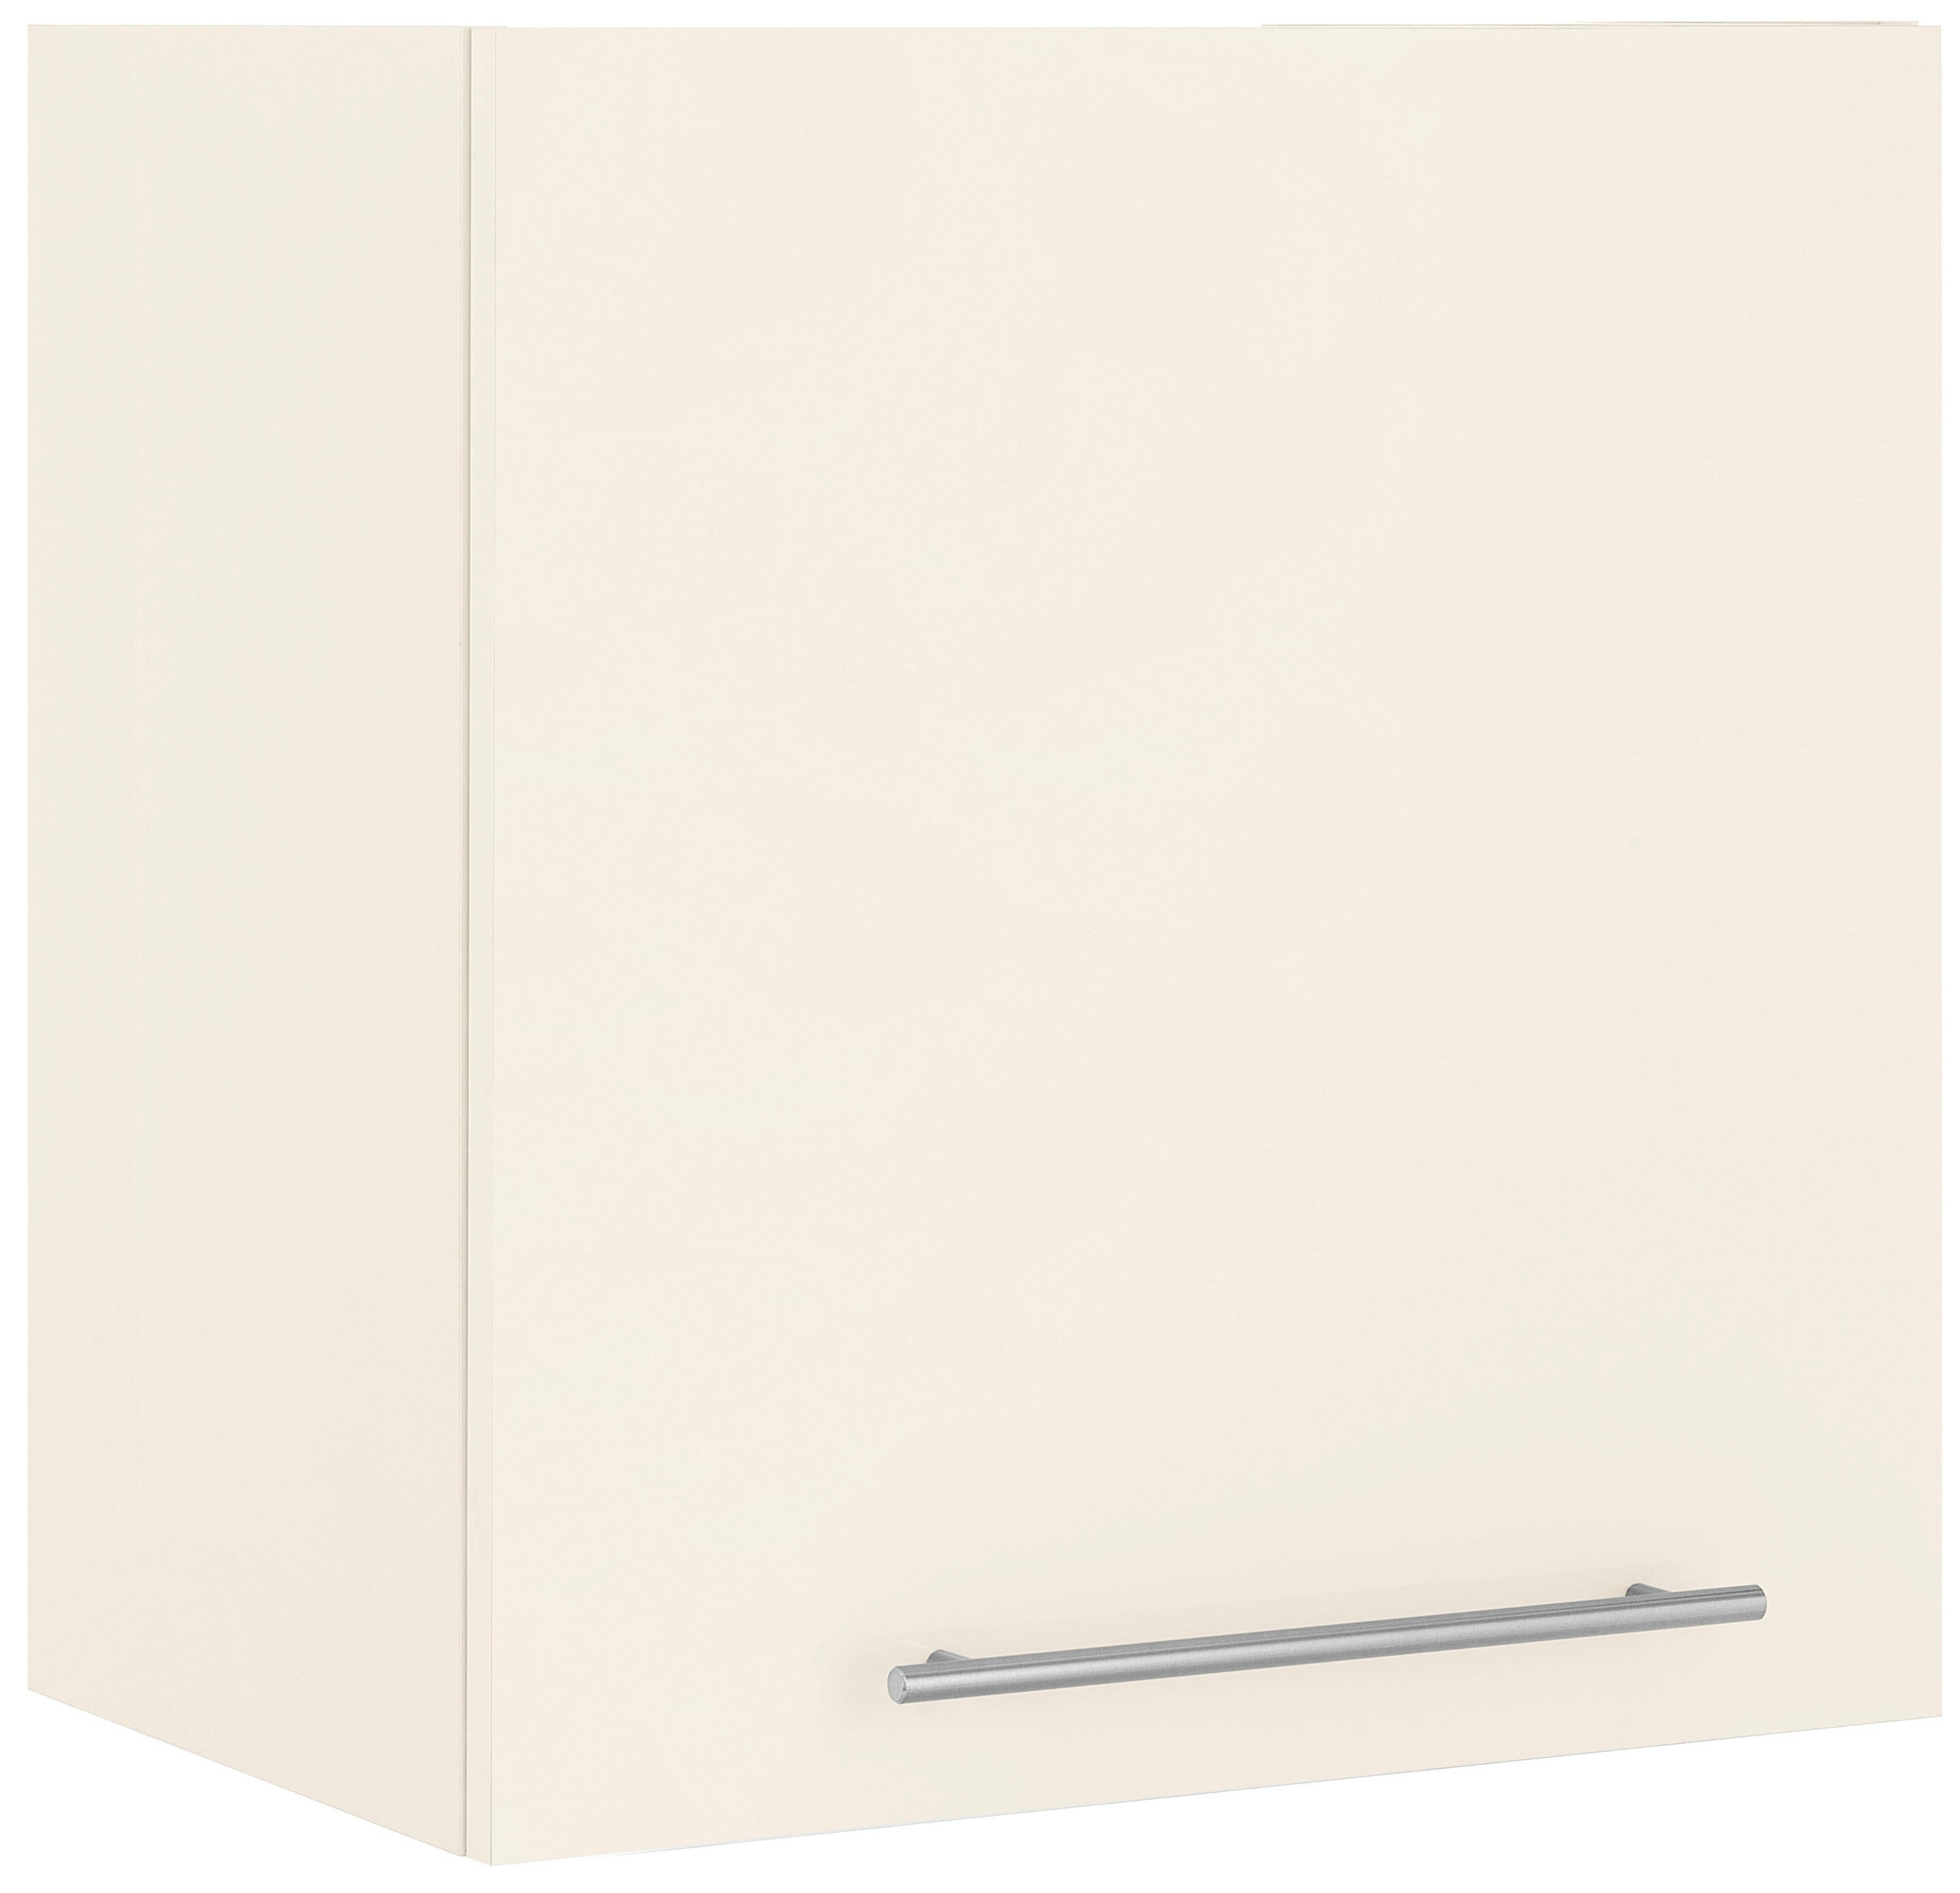 WIHO-Küchen Hängeschrank »Flexi2«, Breite 60 cm | Küche und Esszimmer > Küchenschränke > Küchen-Hängeschränke | Weiß - Rot - Glanz | Melamin | wiho Küchen